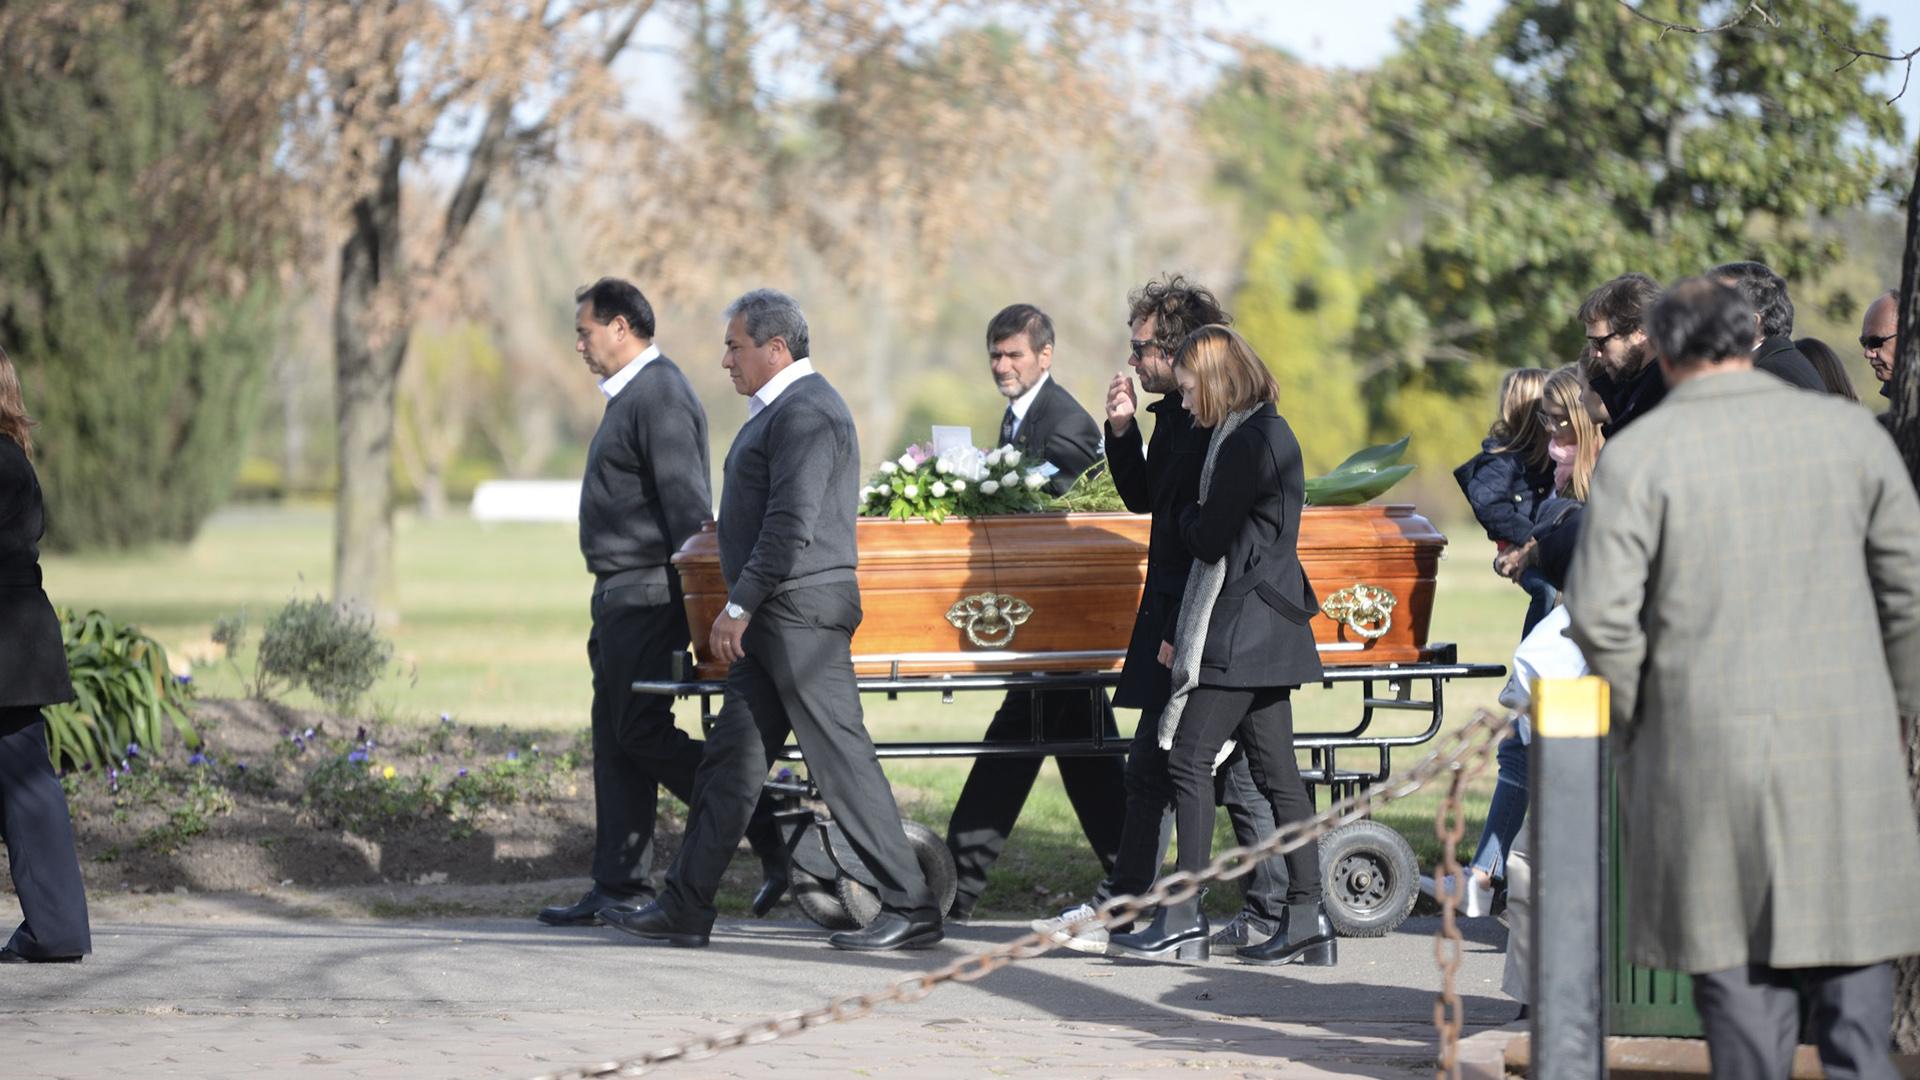 César Bustos y Laura Laprida, marido y hermana de Geñi encabezaron el cortejo visiblemente conmovidos. La hija mayor de María Eugenia Fernández Rousse y Horacio Laprida, murió este lunes tras un dura batalla contra el cáncer de mama.